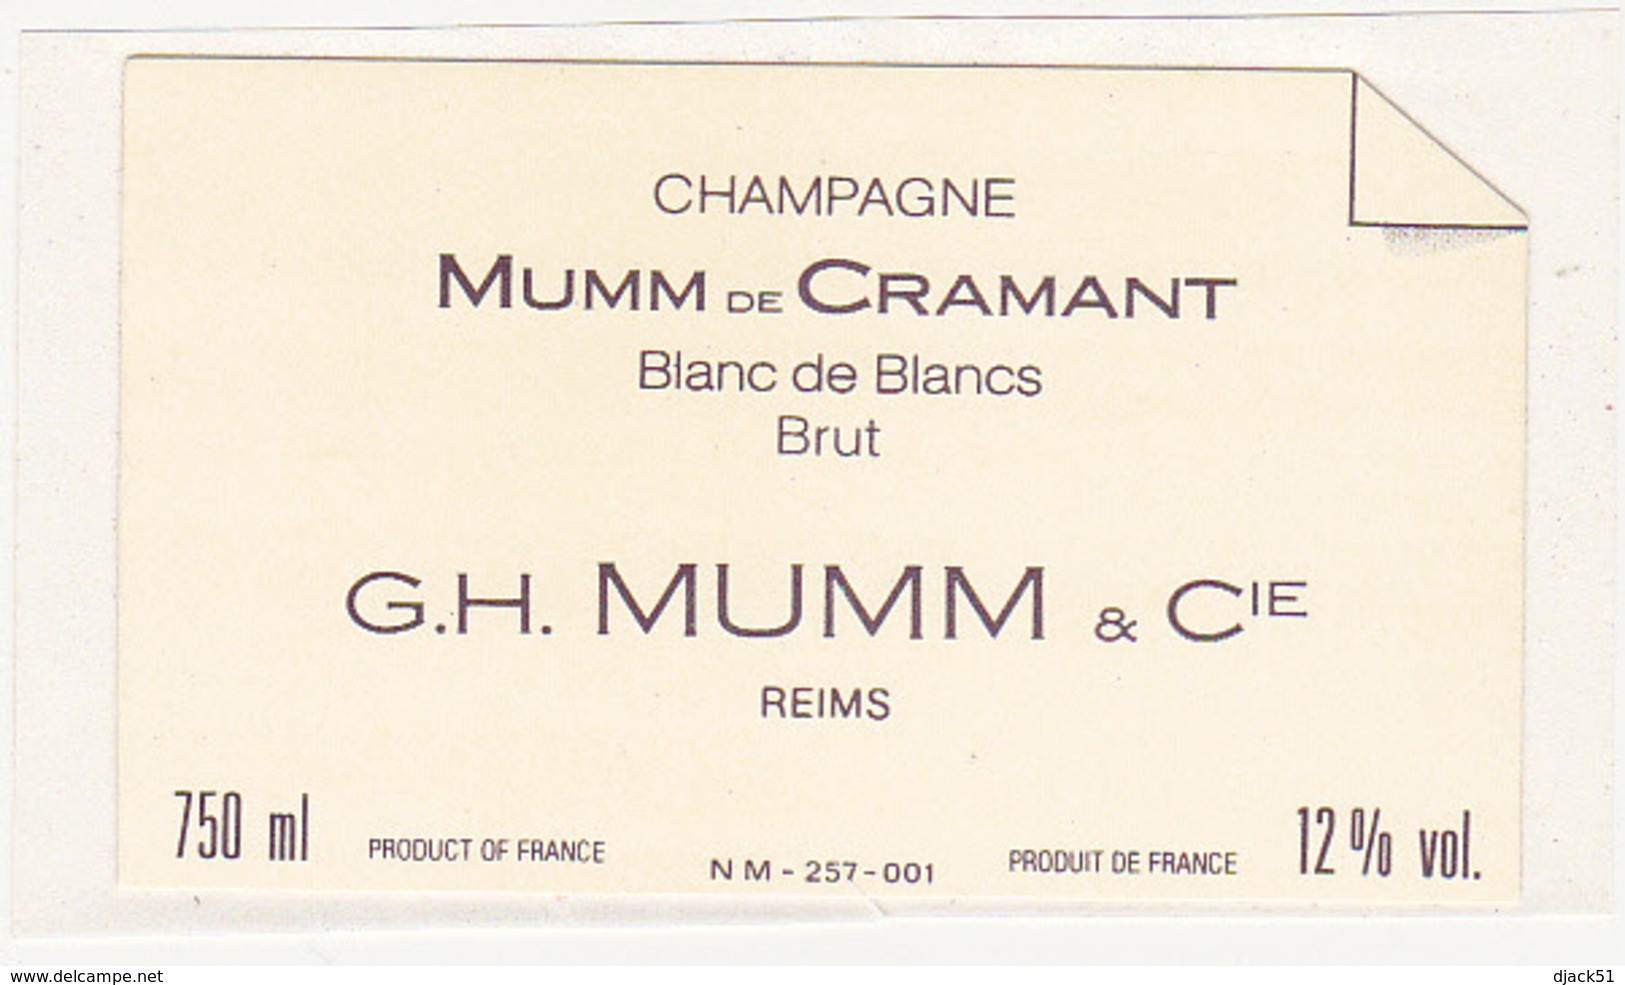 Etiquette Champagne MUMM De CRAMANT Blanc De Blancs G.H. MUMM & Cie à Reims (51) / 750 Ml - Champagne